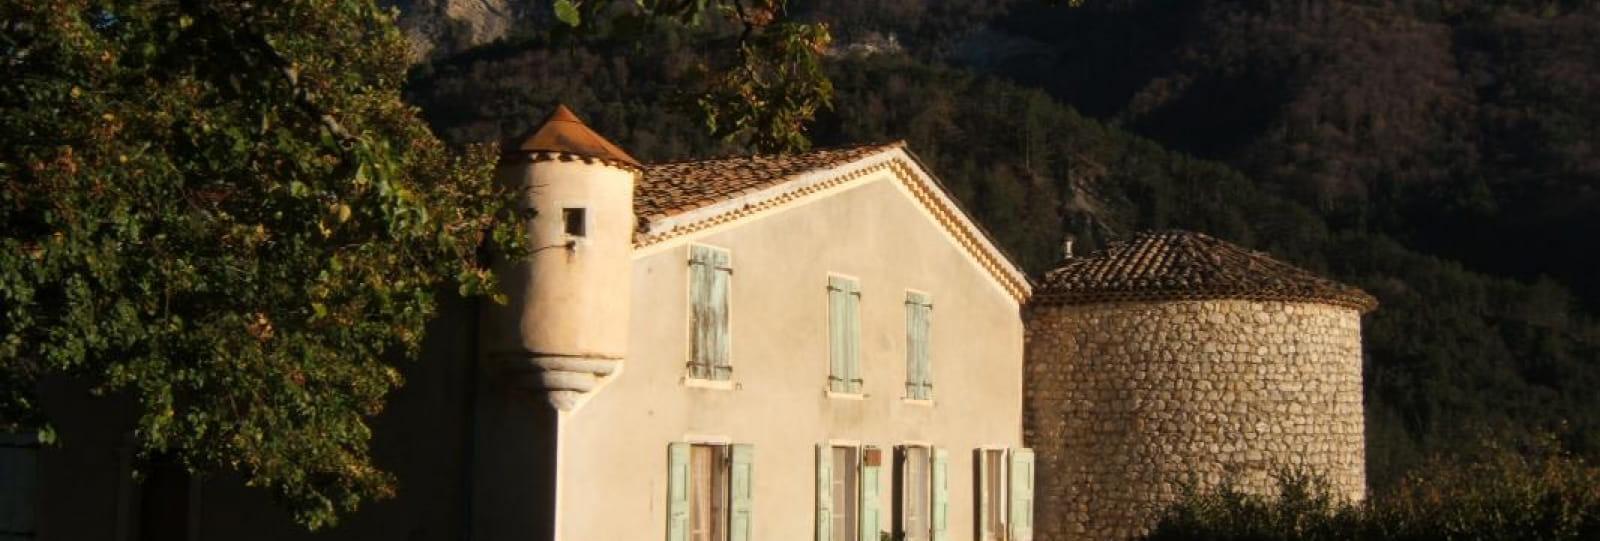 l'Atelier du Château situé dans une maison forte